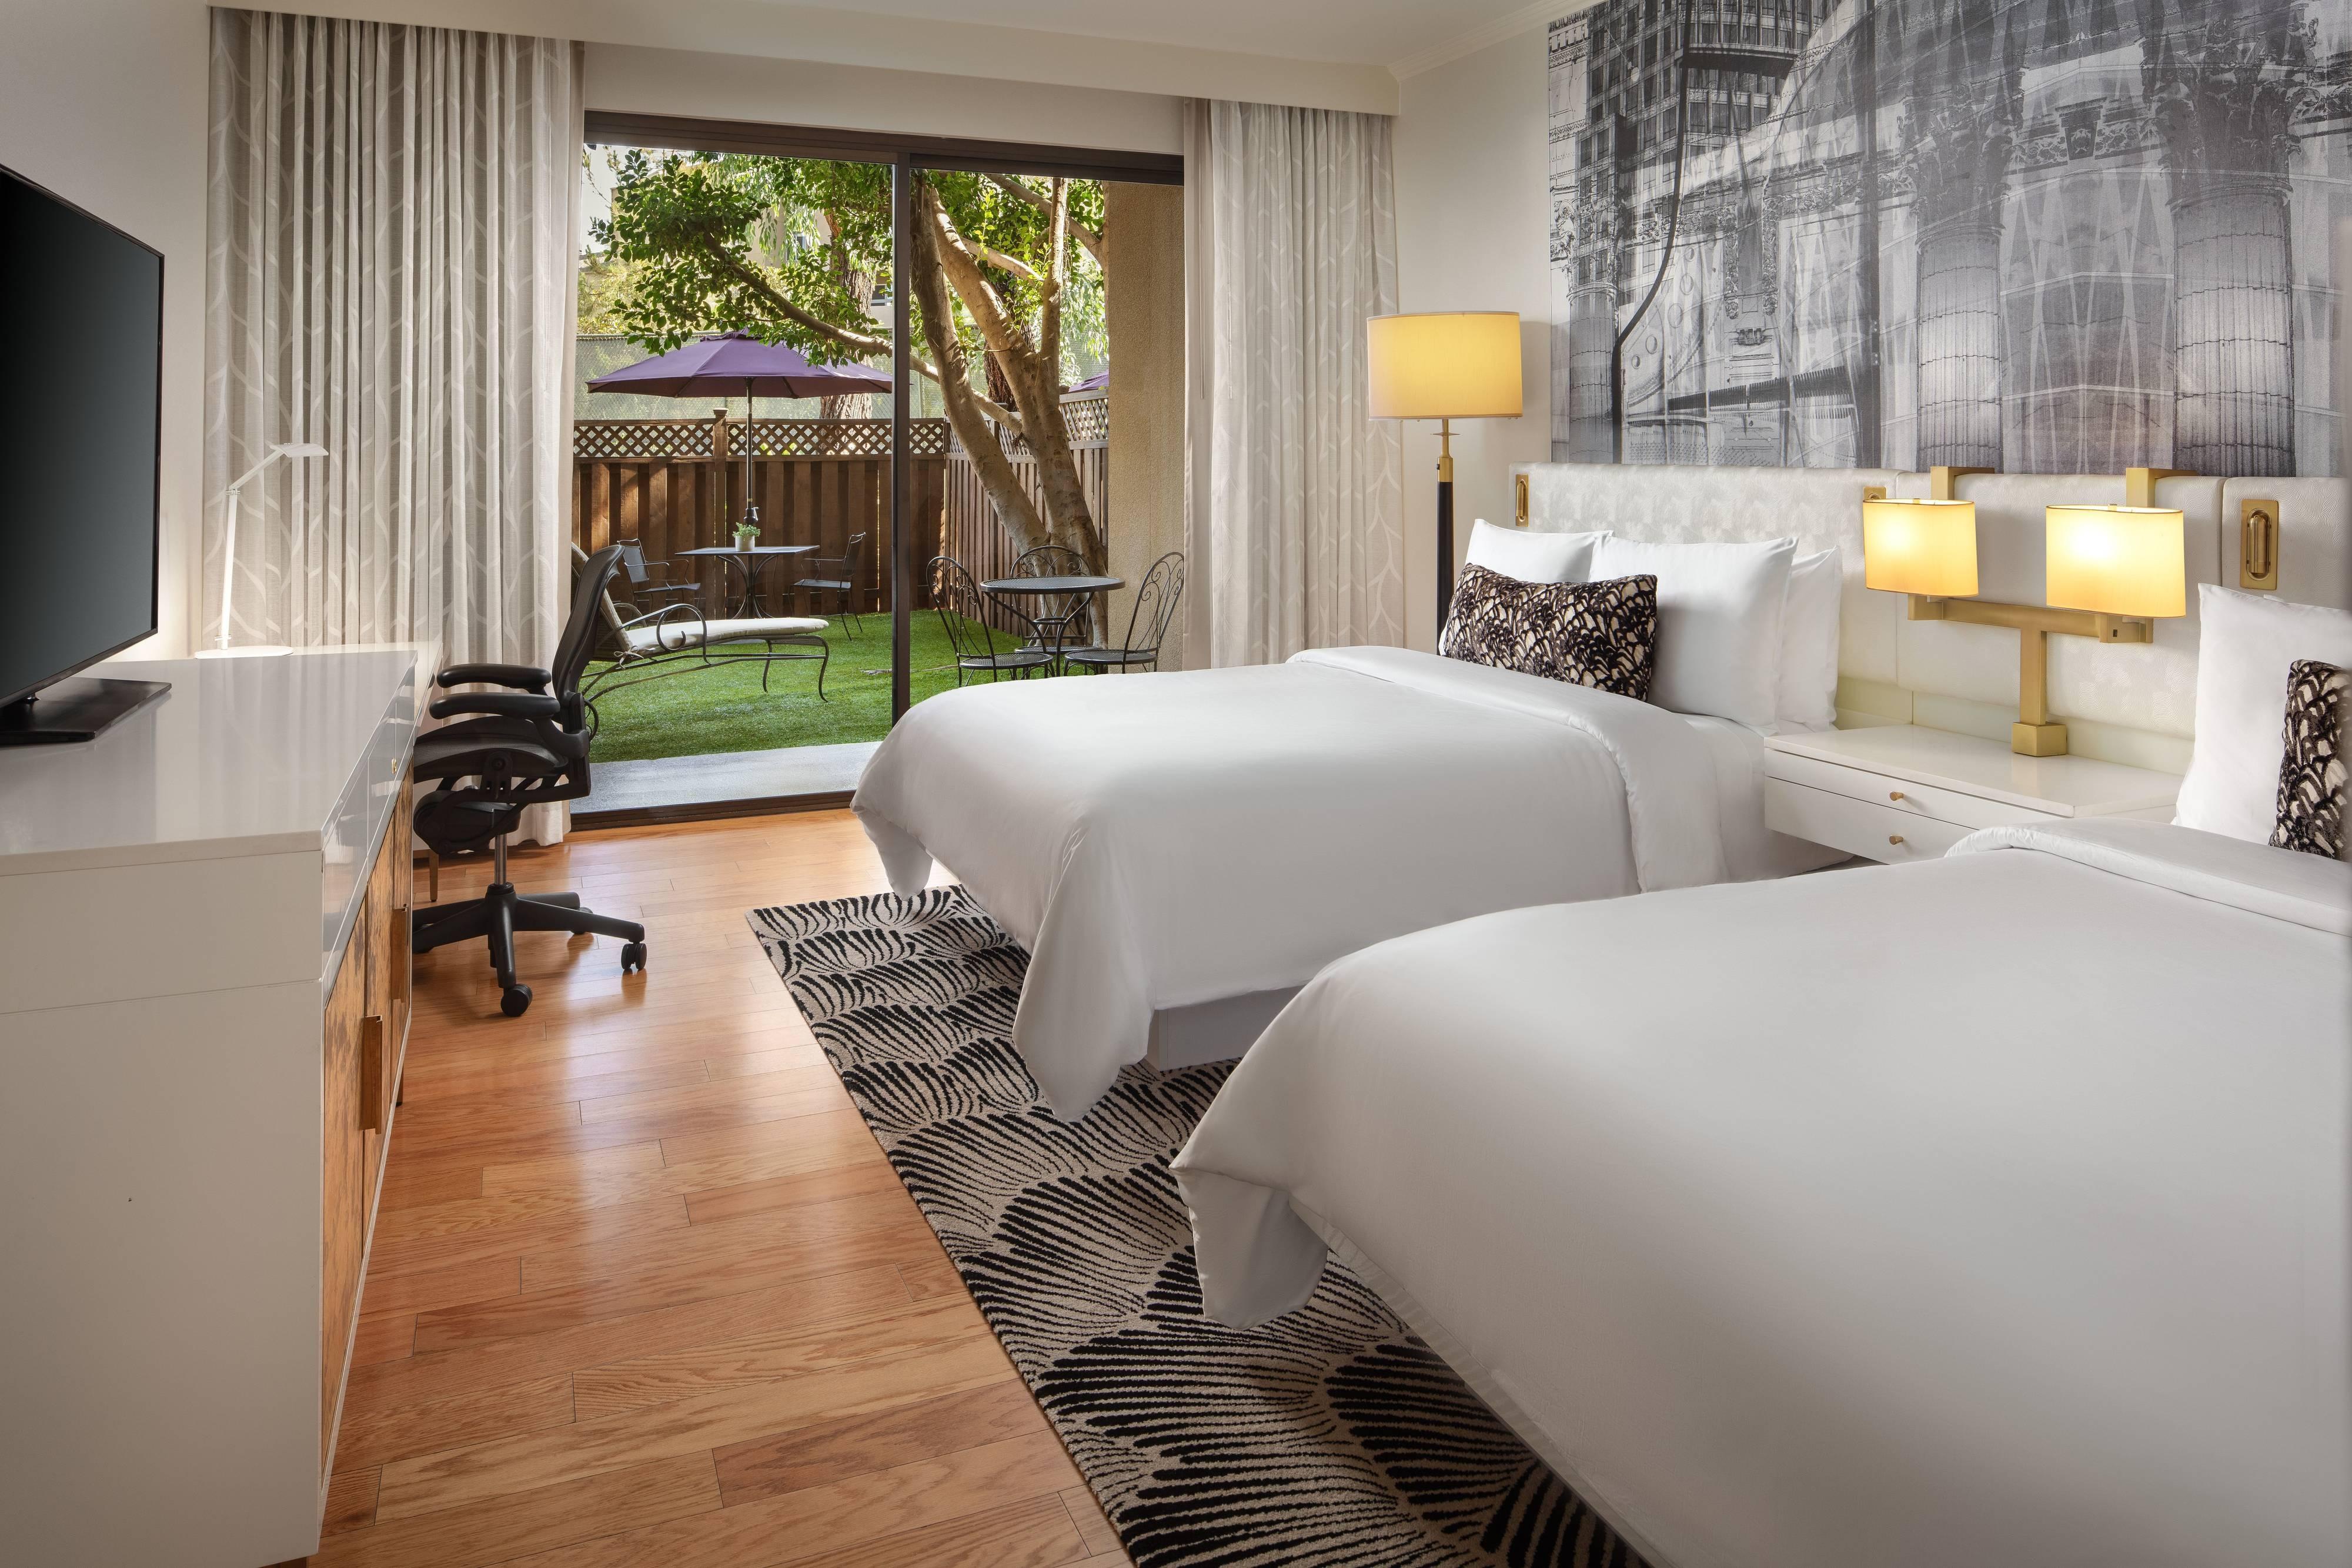 Deluxe-Gästezimmer mit zwei Queensize-Betten und Terrasse